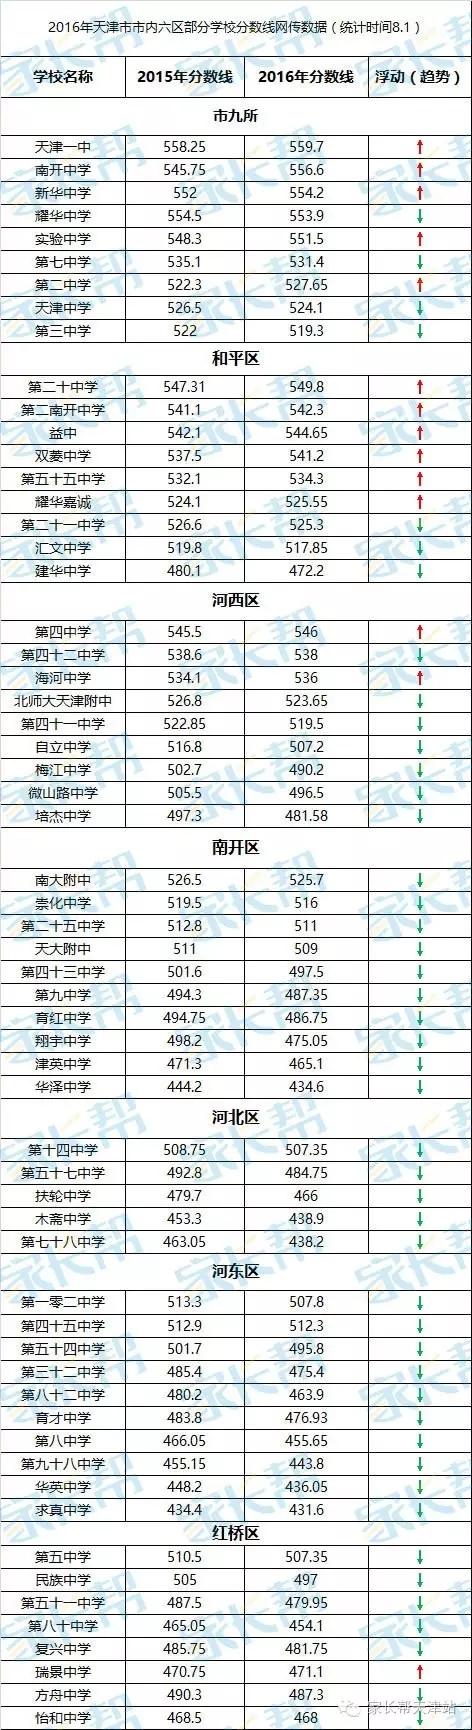 2016天津中考各高中录取分数线